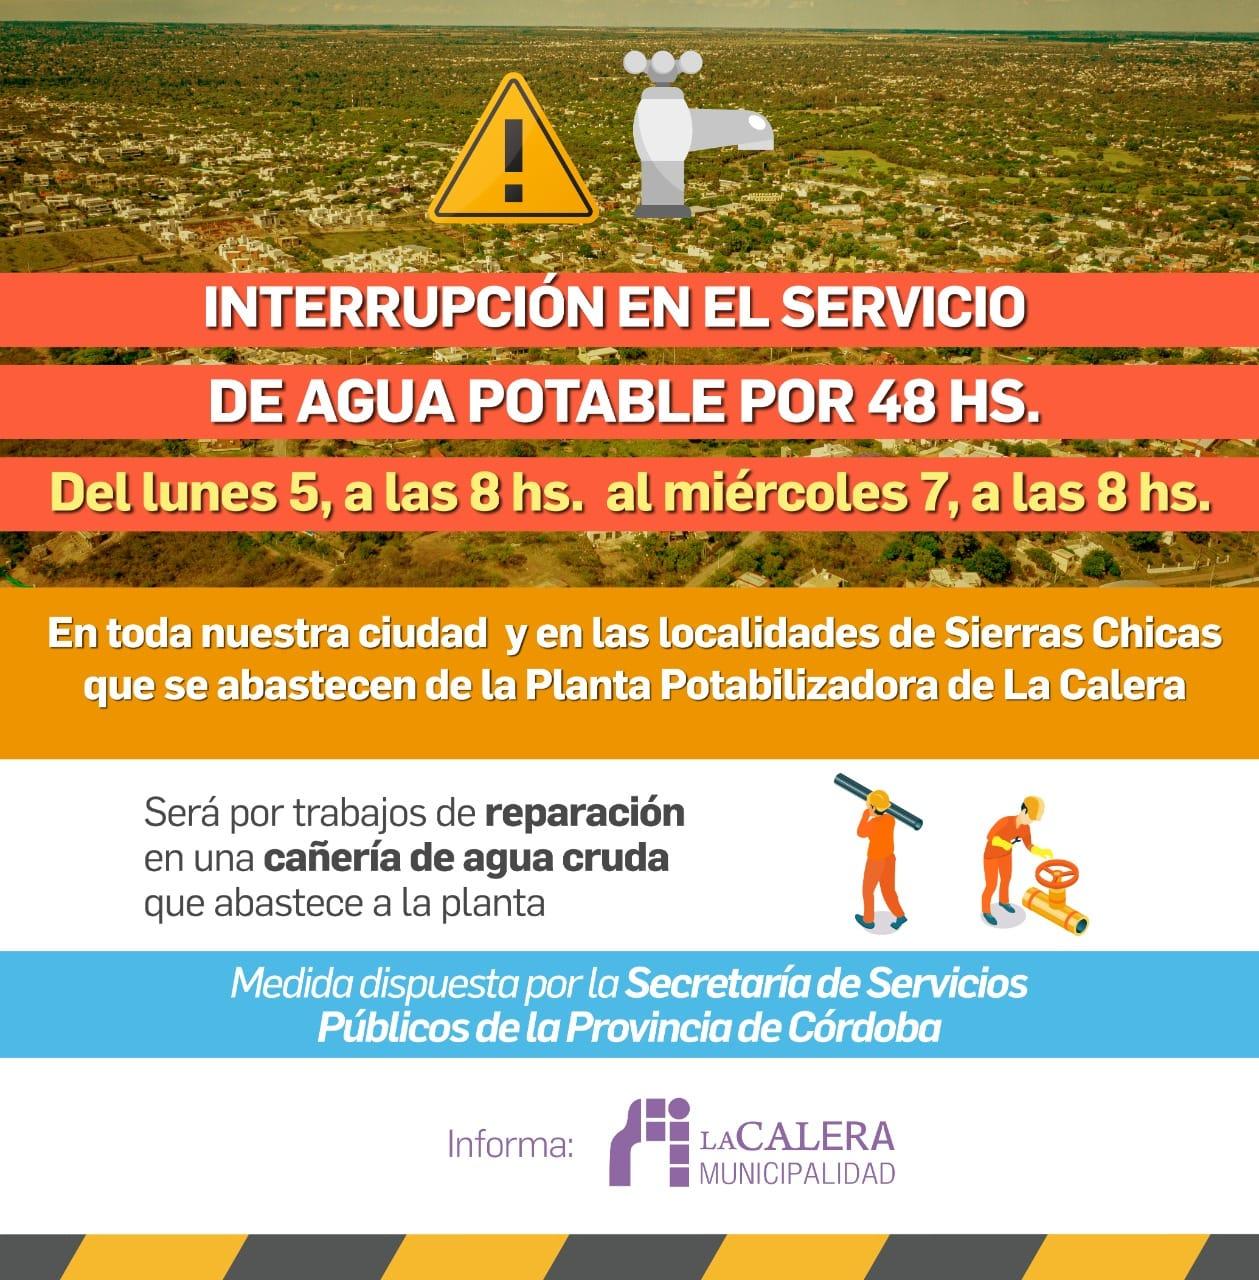 Cortan el suministro de agua potable en Sierras Chicas • Canal C